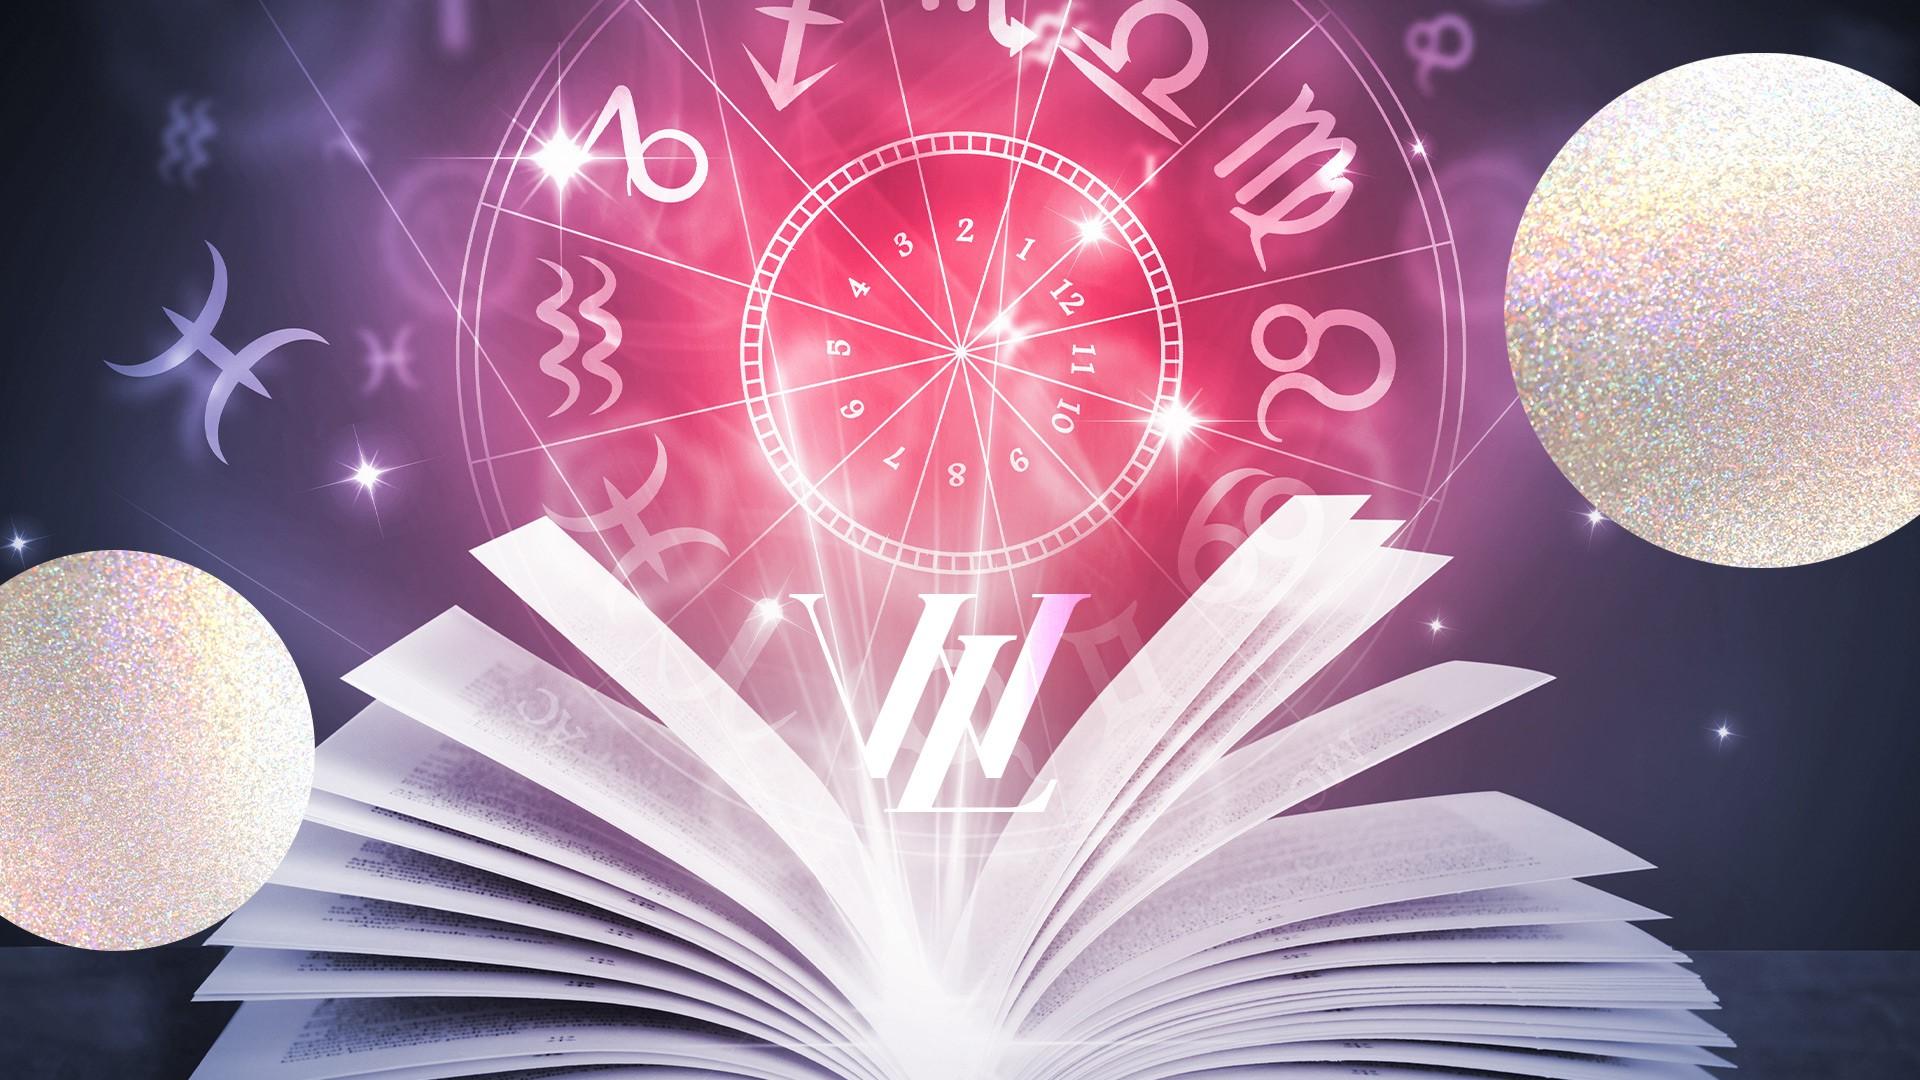 самый точныйгороскоп для всех знаков зодиака с 19 по 25 октября 2020 года